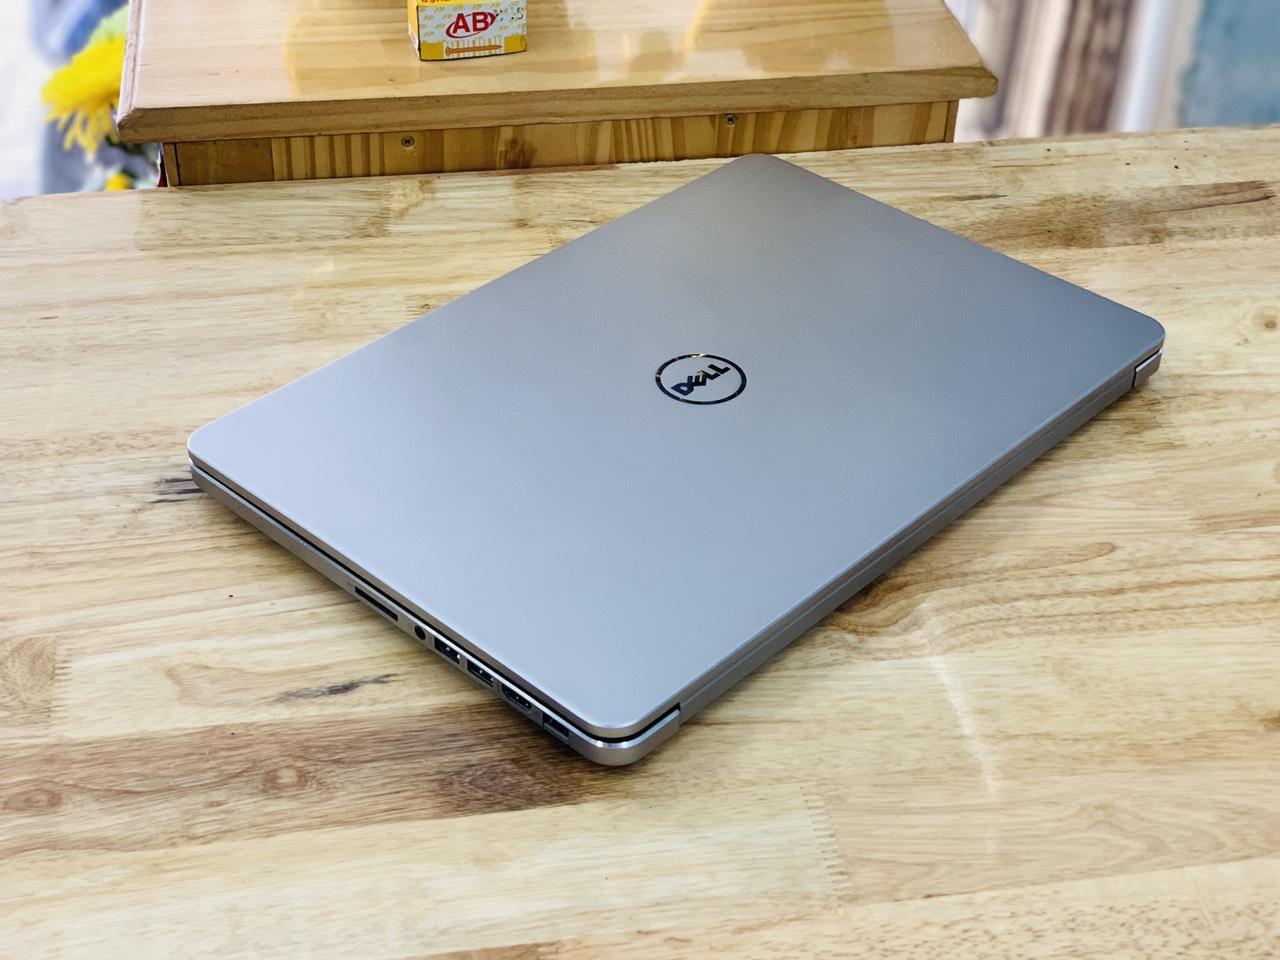 Dell Inspiron7537